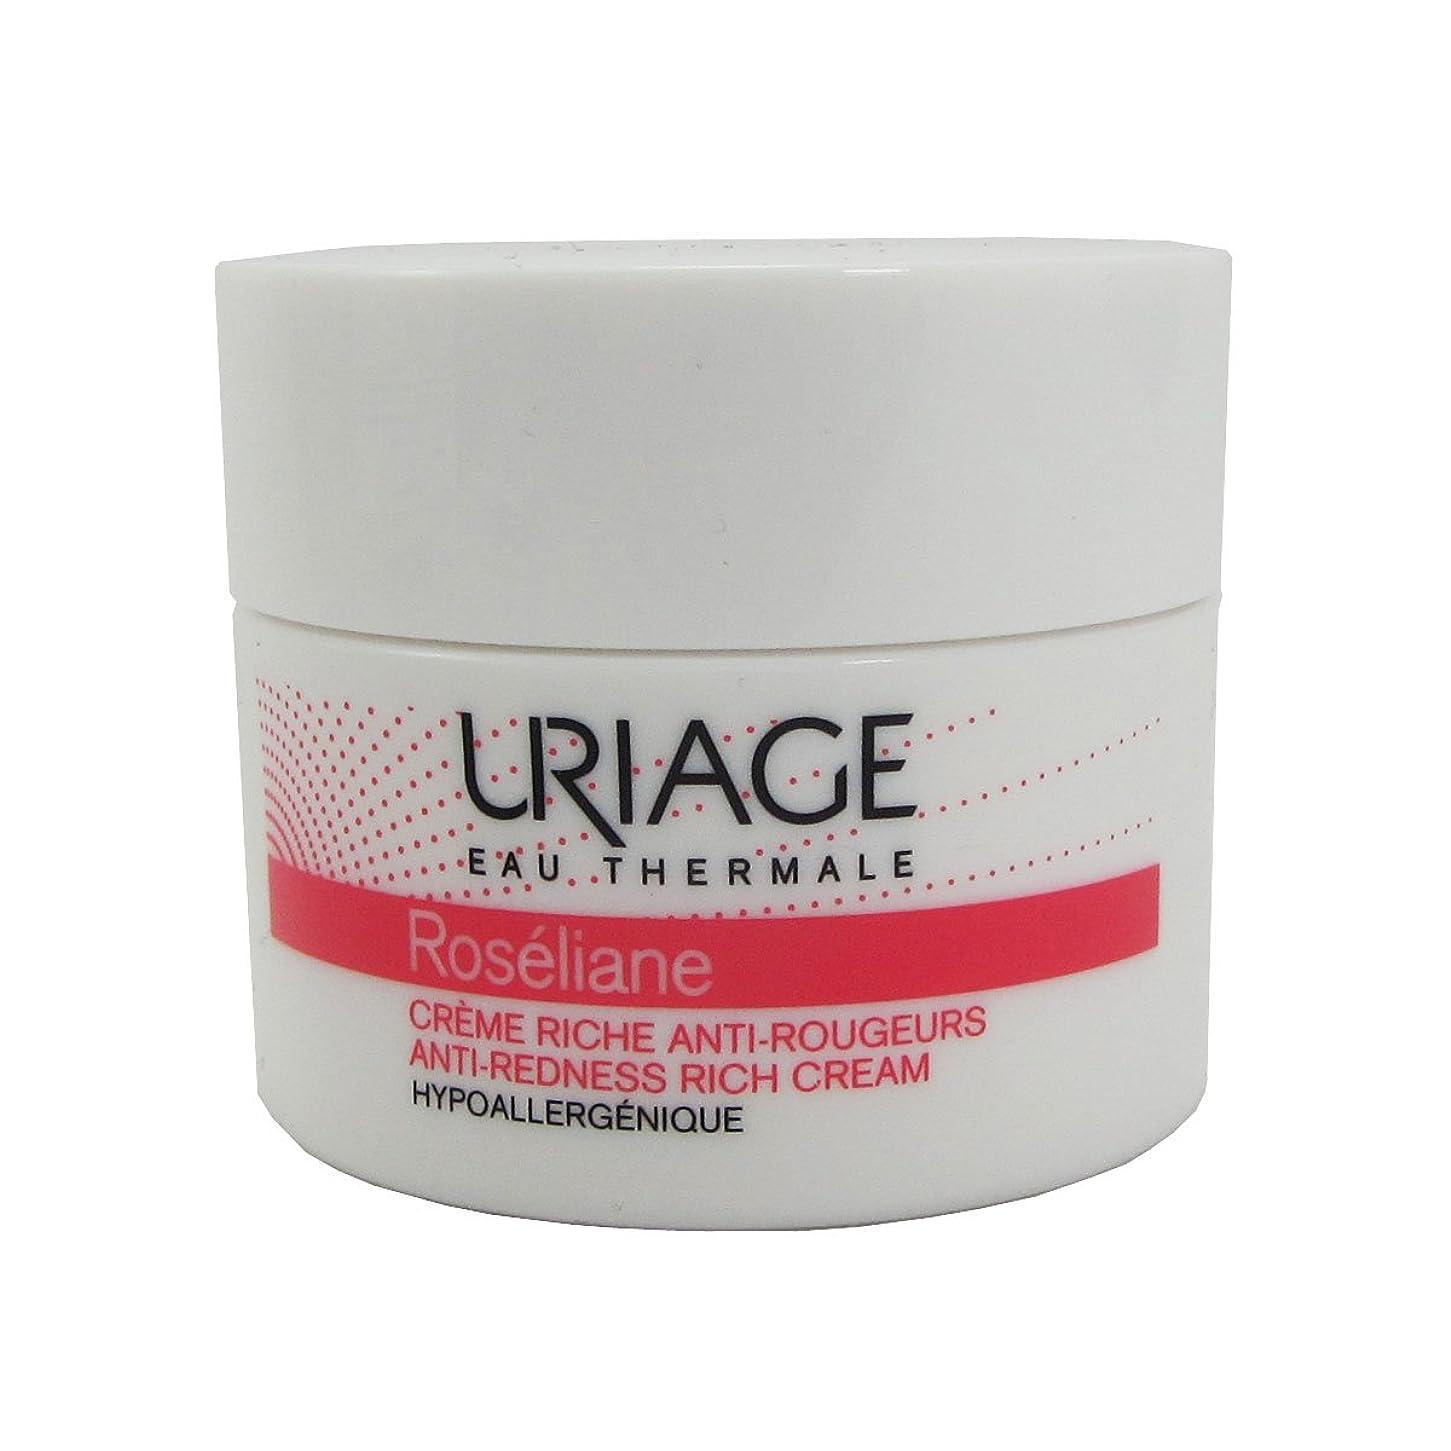 繊維フォーラム発動機Uriage Roseliane Anti-redness Rich Cream 50ml [並行輸入品]